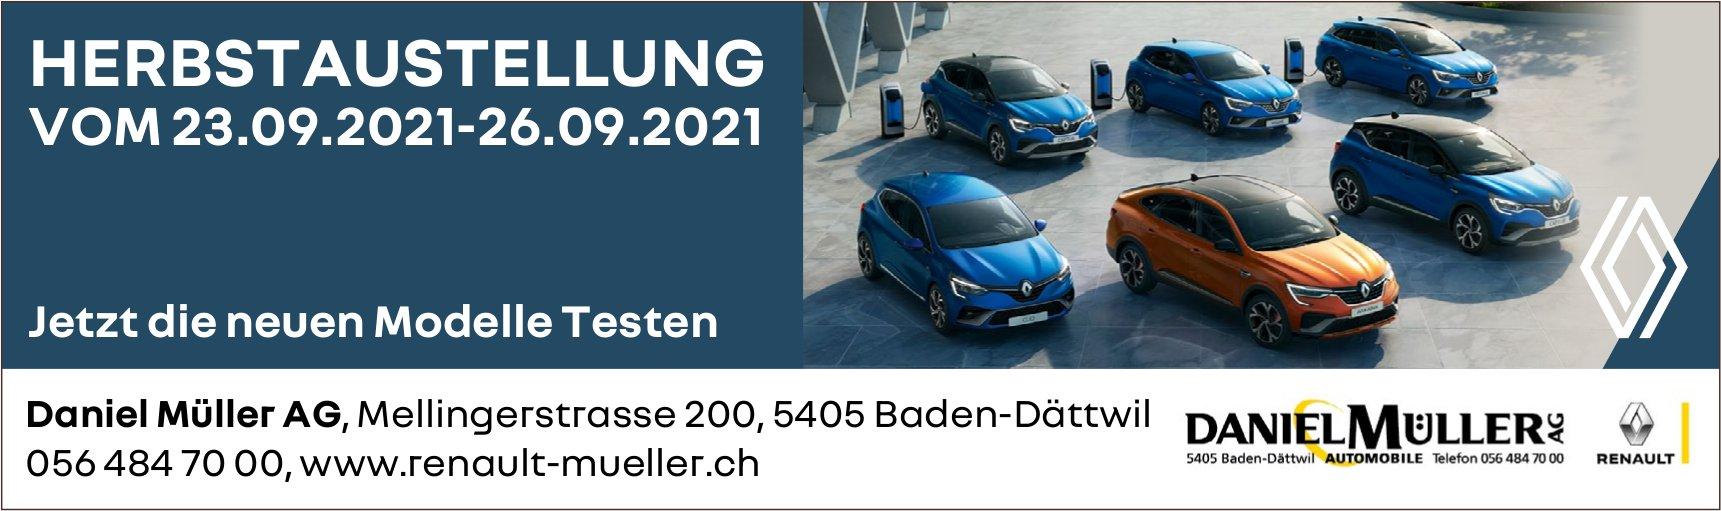 Herbstaustellung, 23. bis 26. September, Daniel Müller AG, Baden-Dättwil